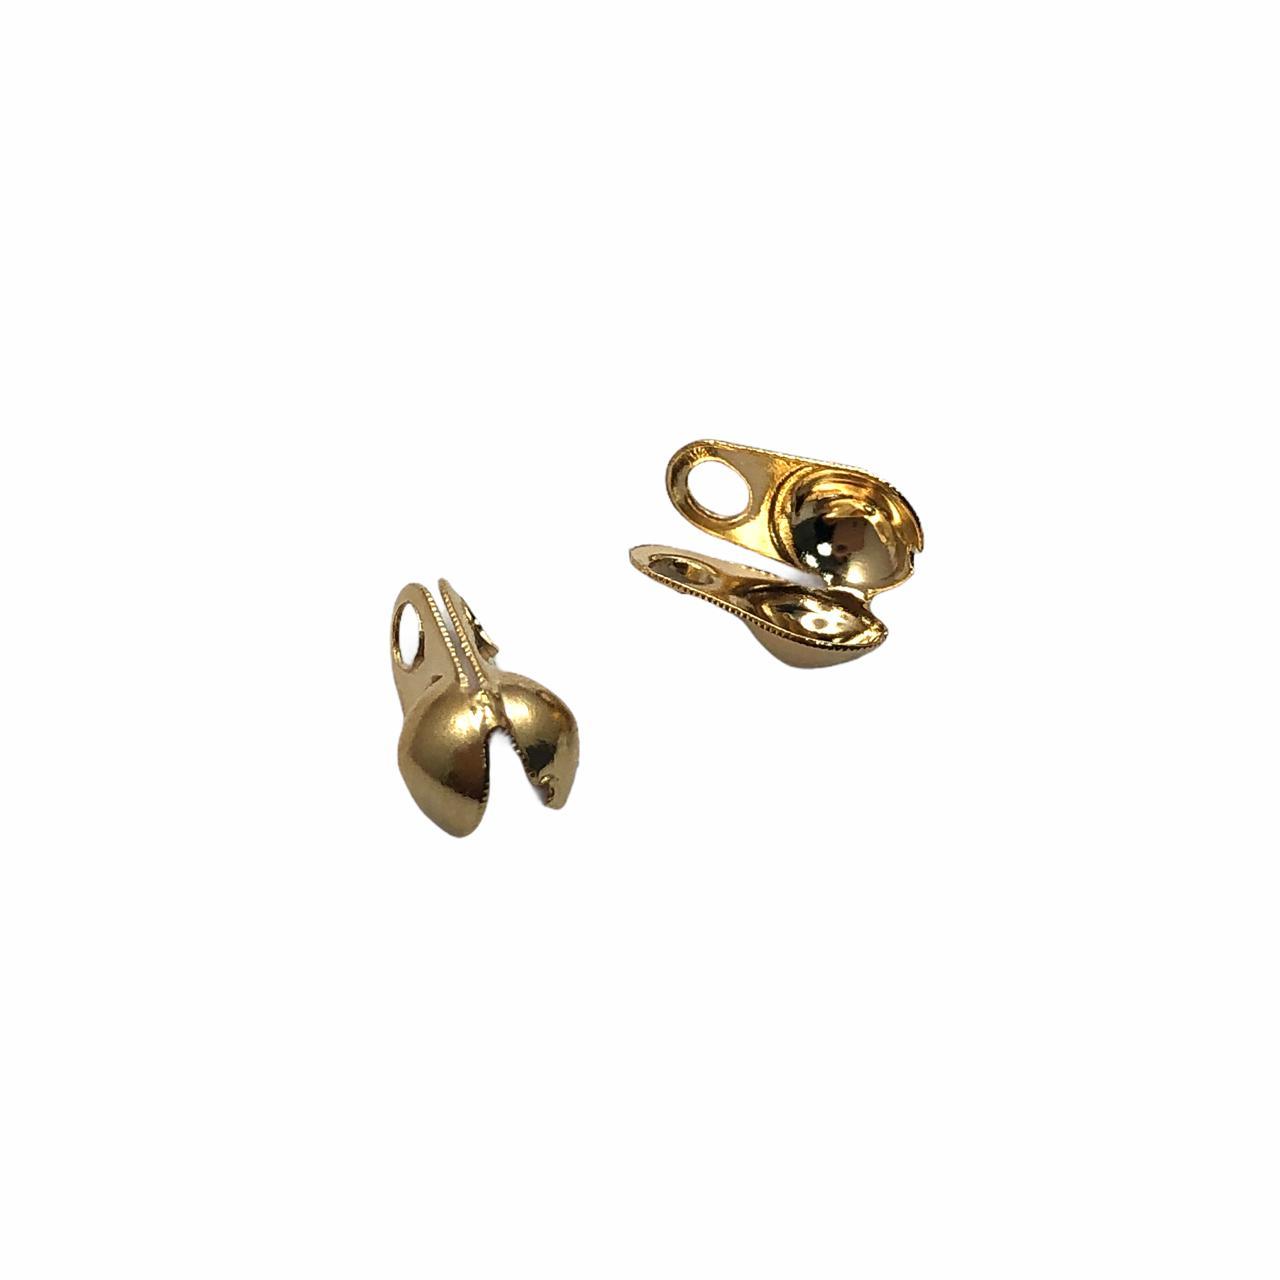 AC707 - Tip Corrente de Bolinha 3.2mm Banhado Cor Dourado - 10Unids